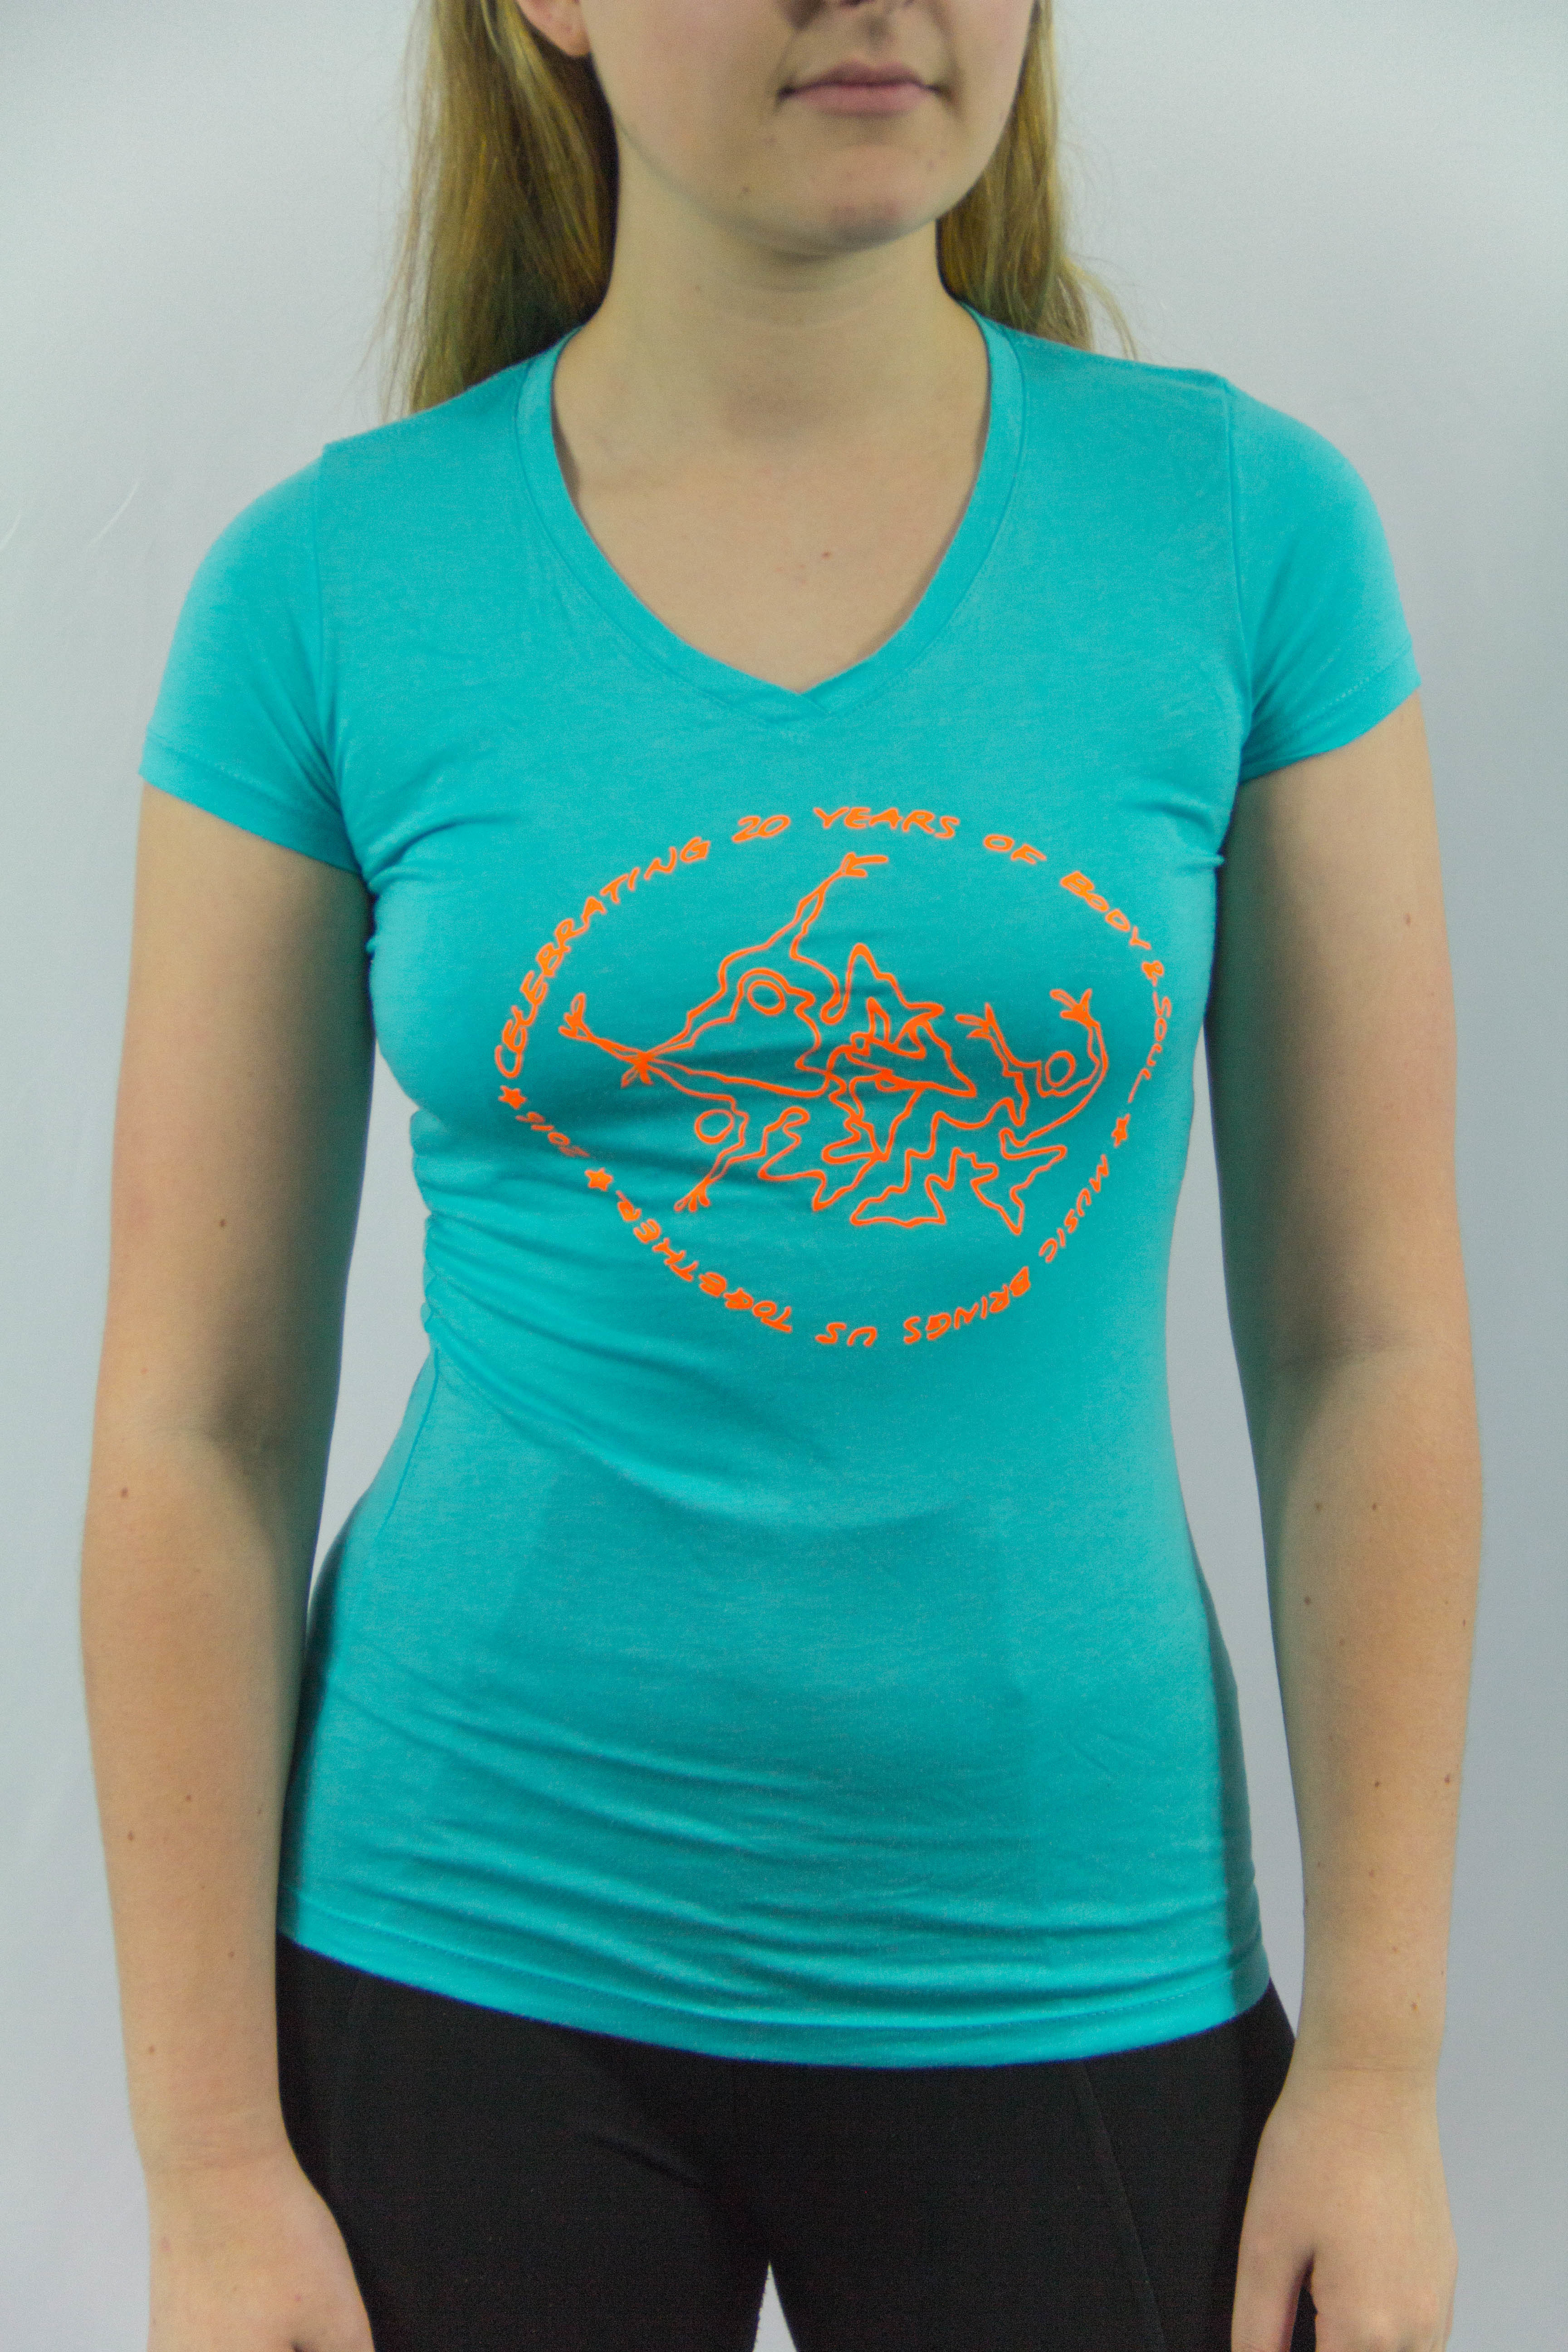 Women V-neck 20th Anniv Tahiti Blue XL YROB2CV6PCTMNXFJRMR6M7B6